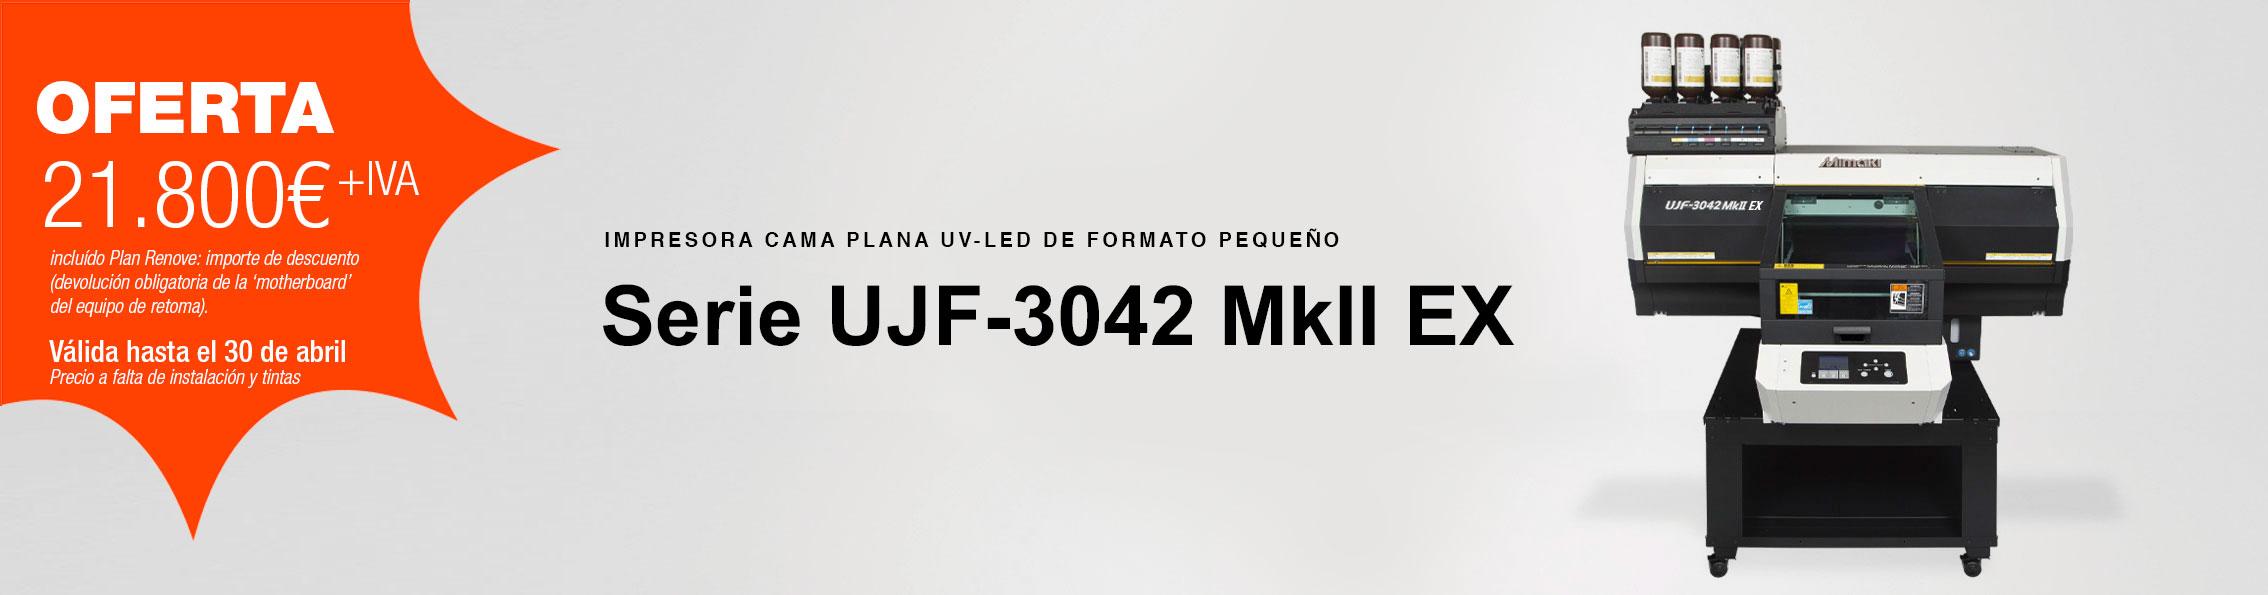 OFERTAS-UJF3042-MKII-EX